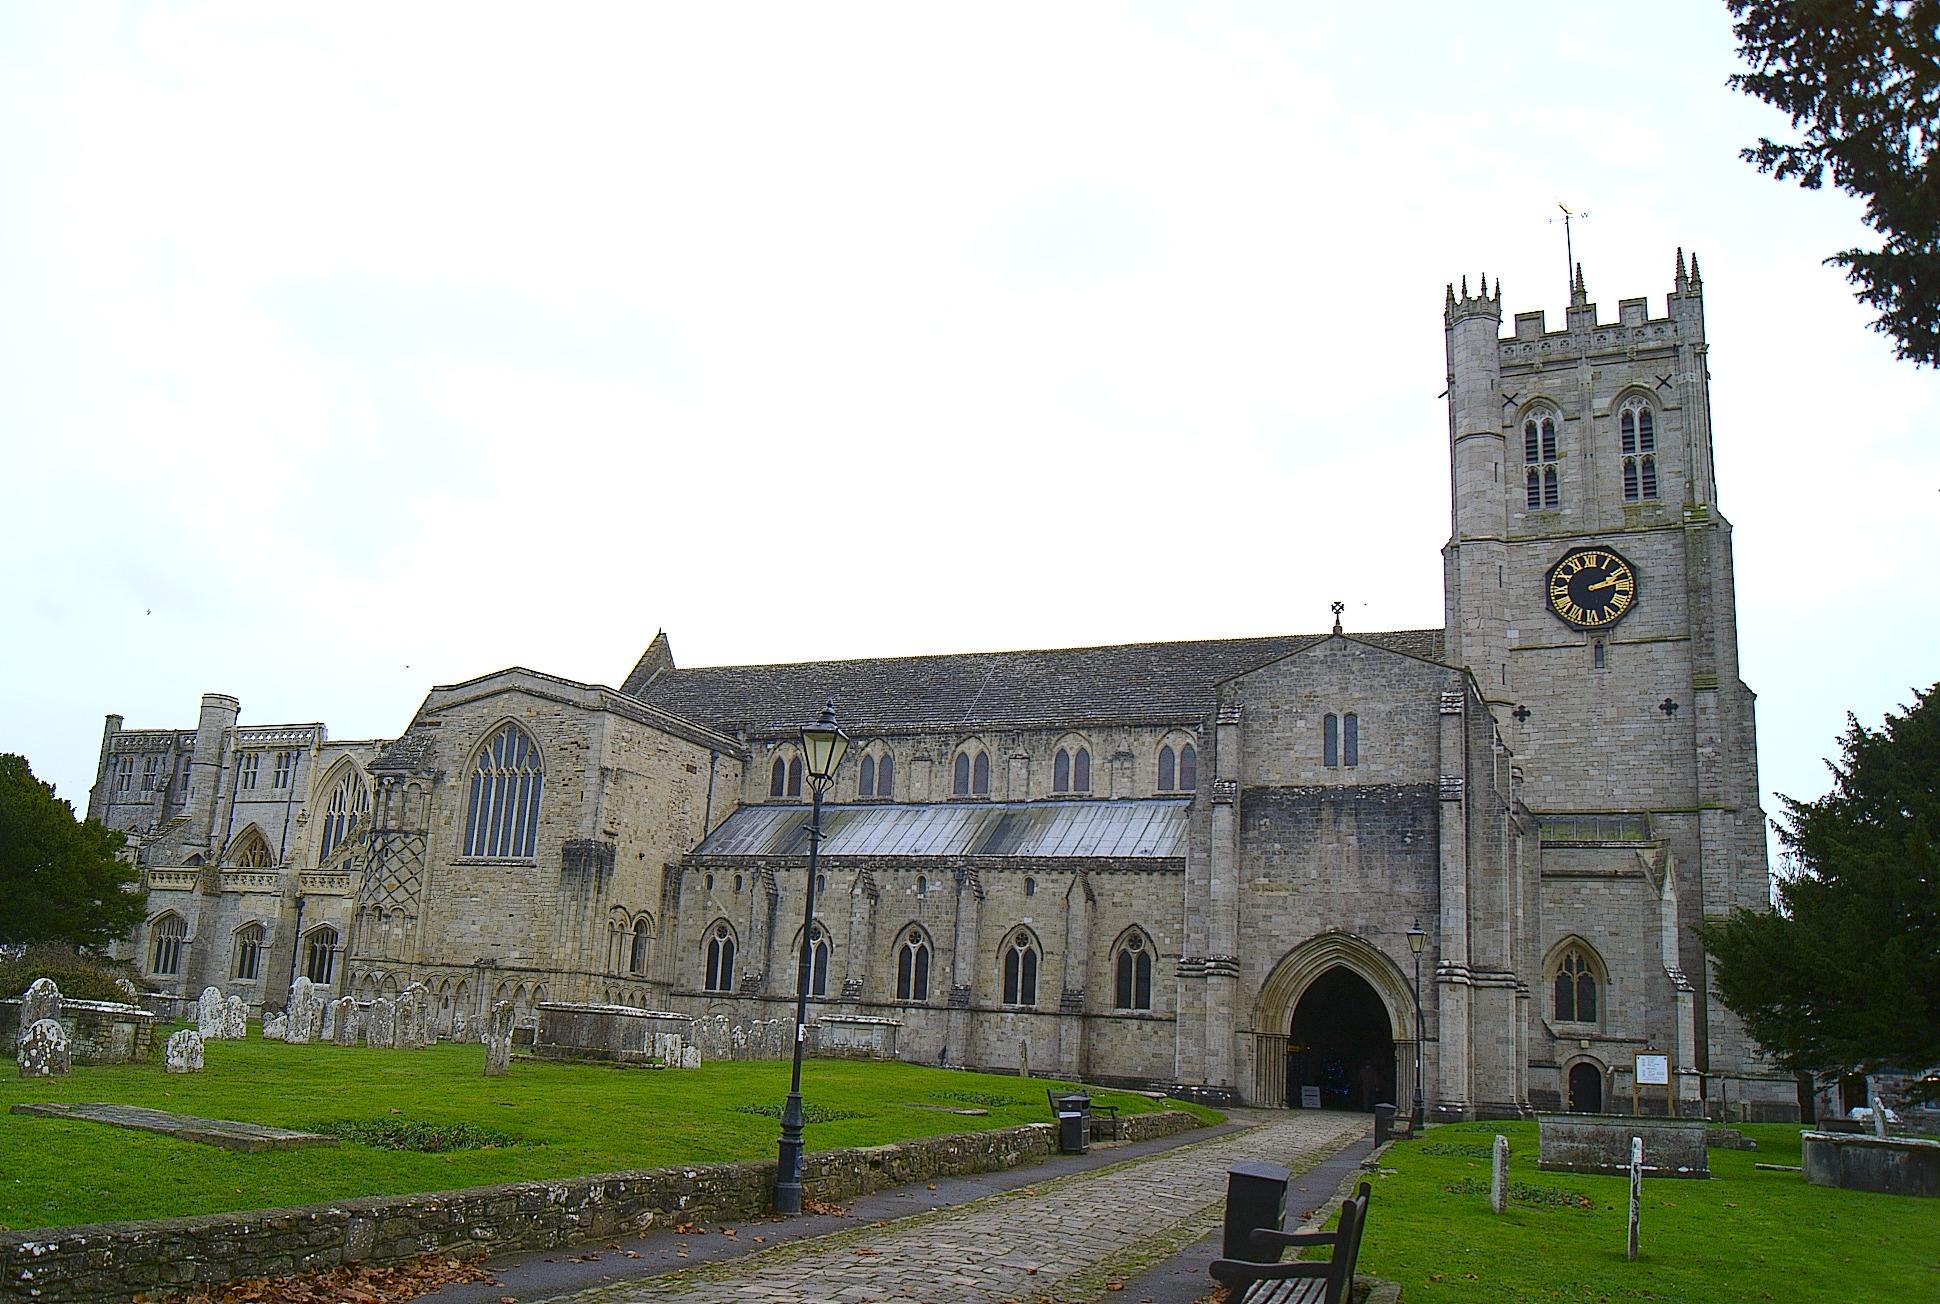 Christchurch Wikipedia: File:Christchurch Priory, Dorset.tiff